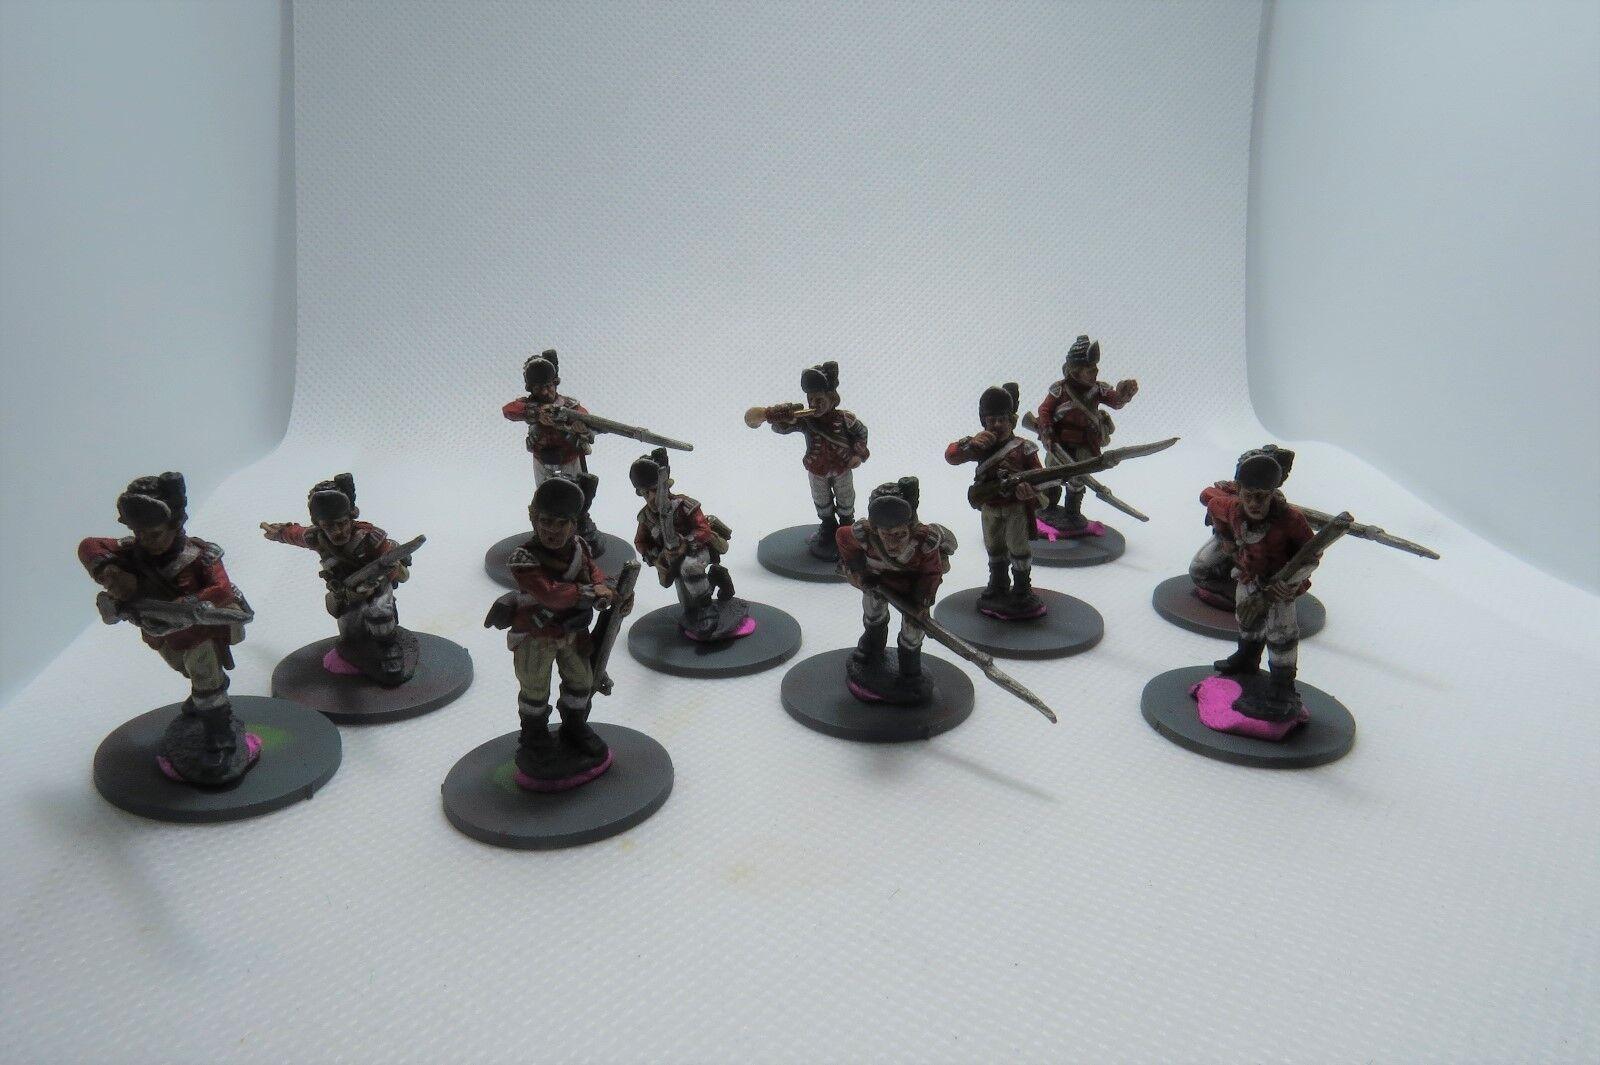 Wargames gießerei, britische leichte infanterie, 28 mm, professionell gemalt.